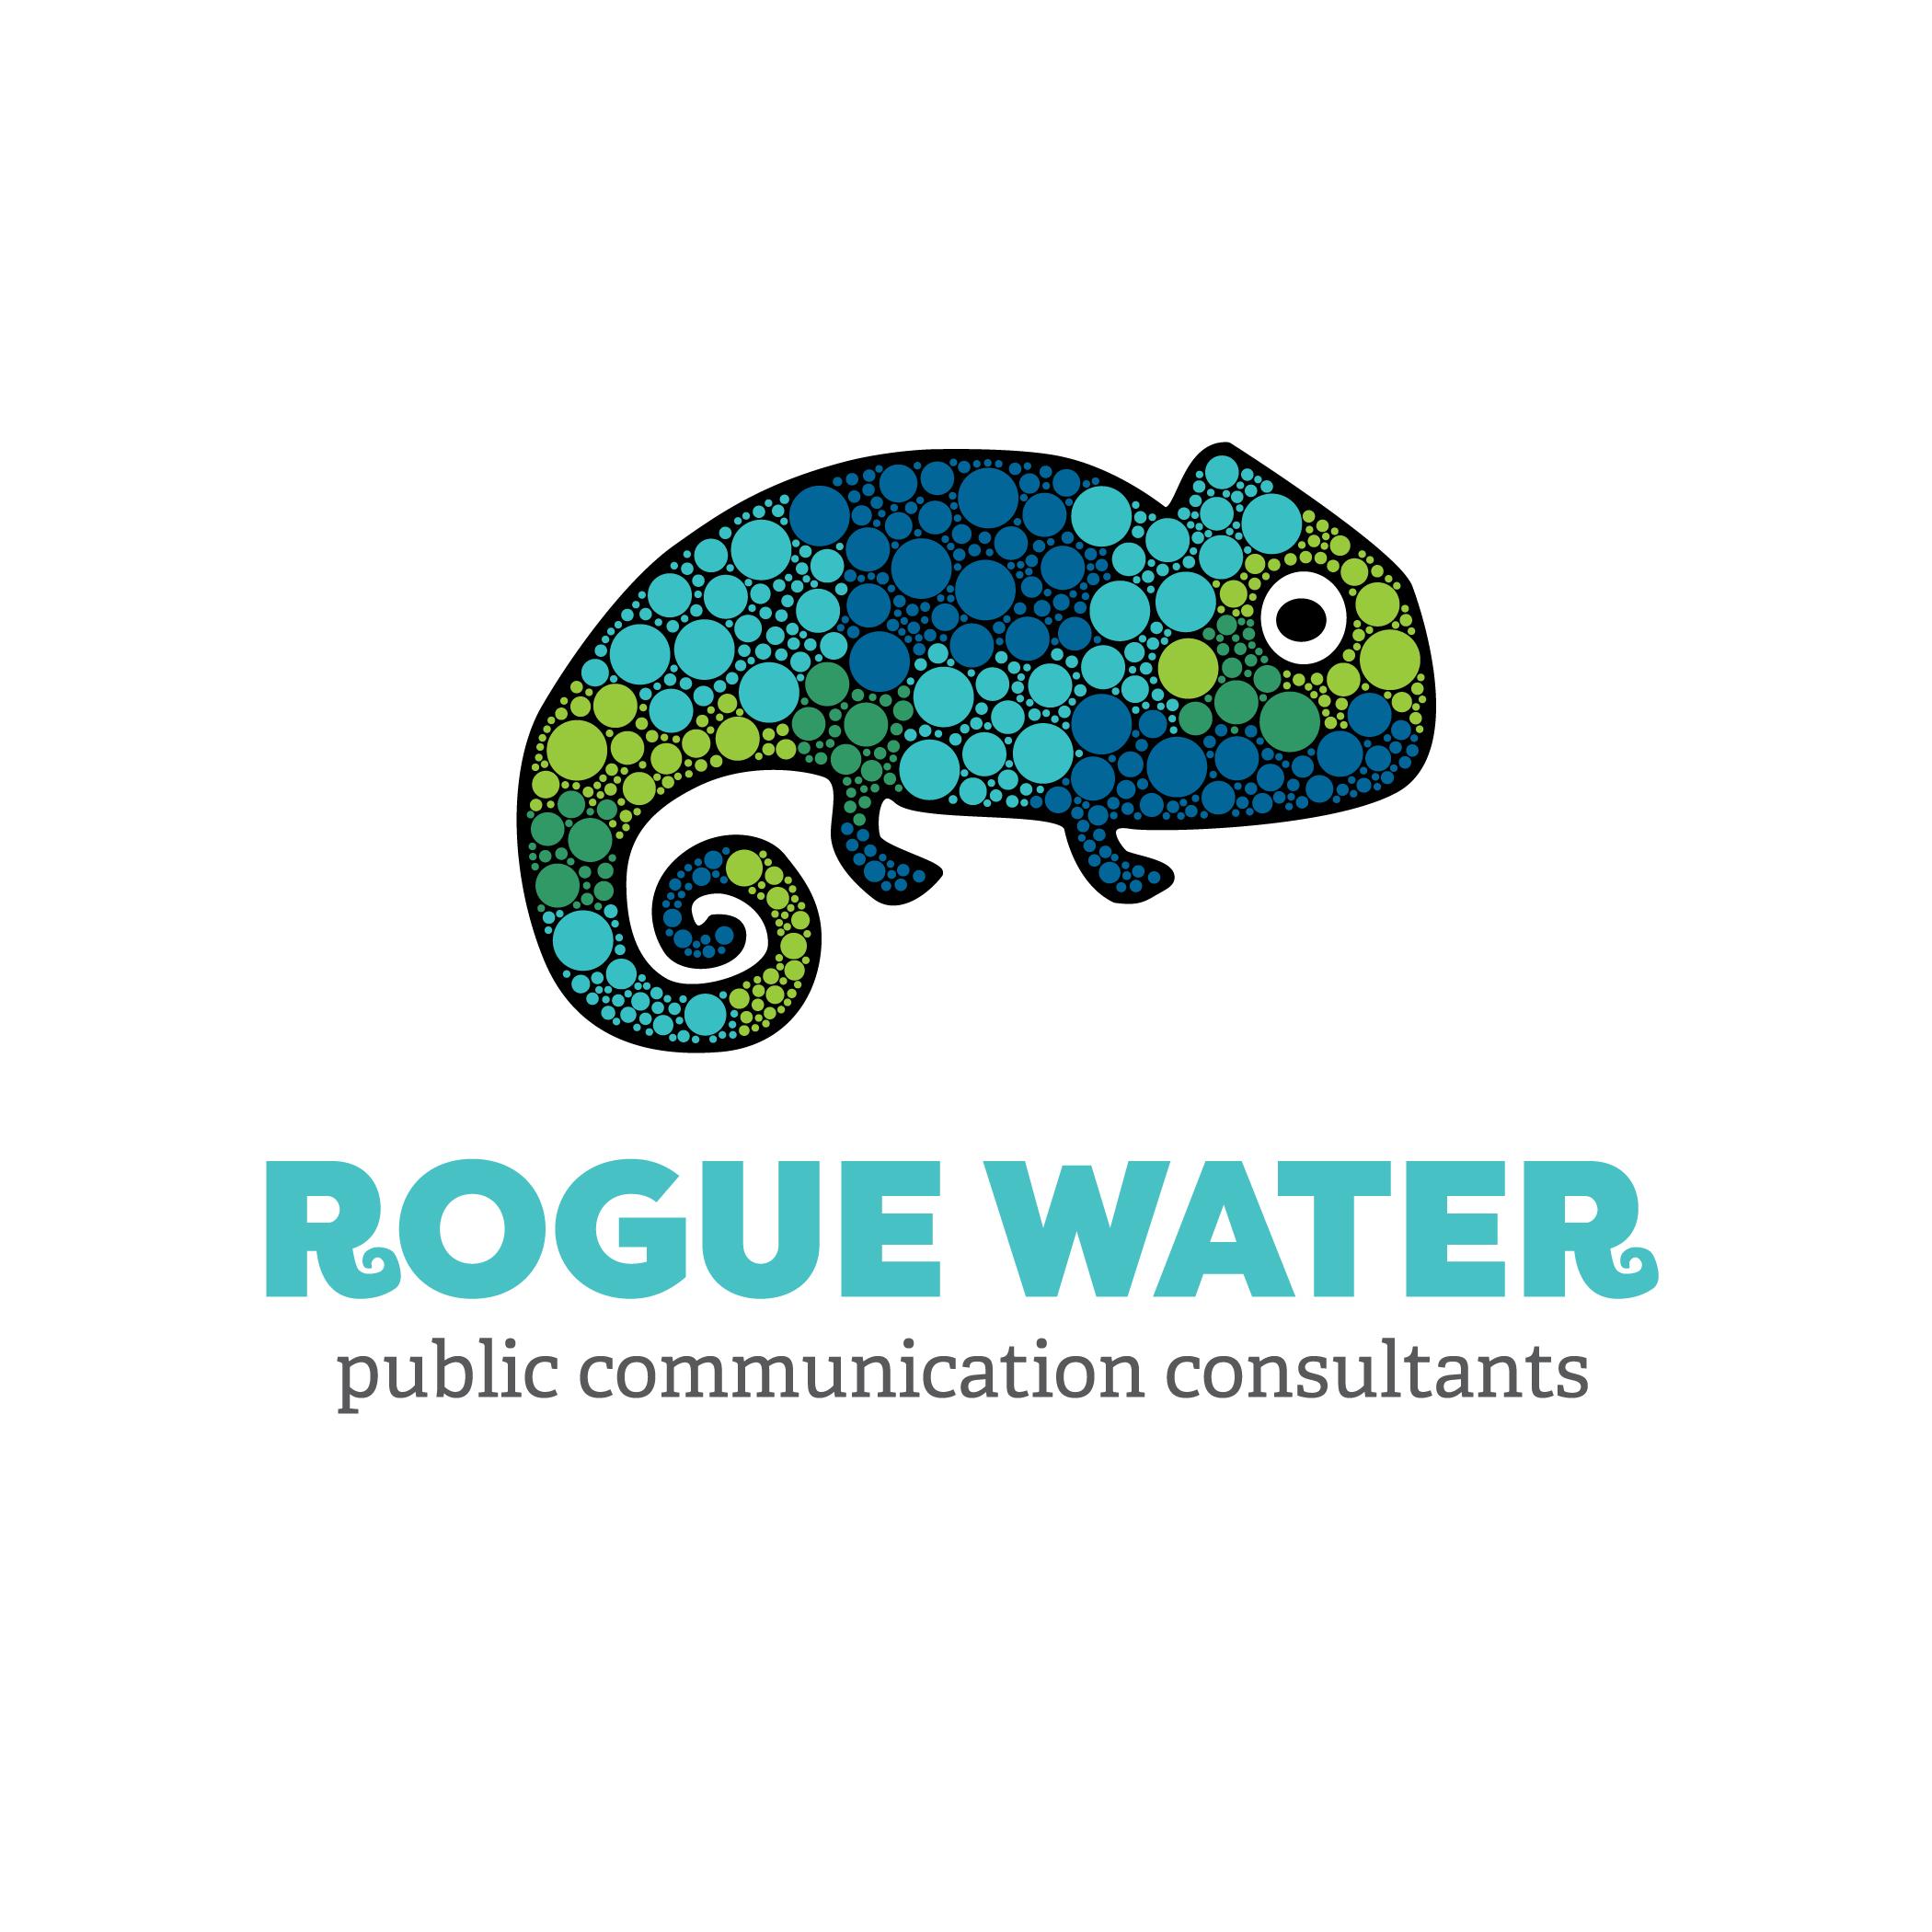 RogueWATER_Logo_V_reversedtagline.jpg